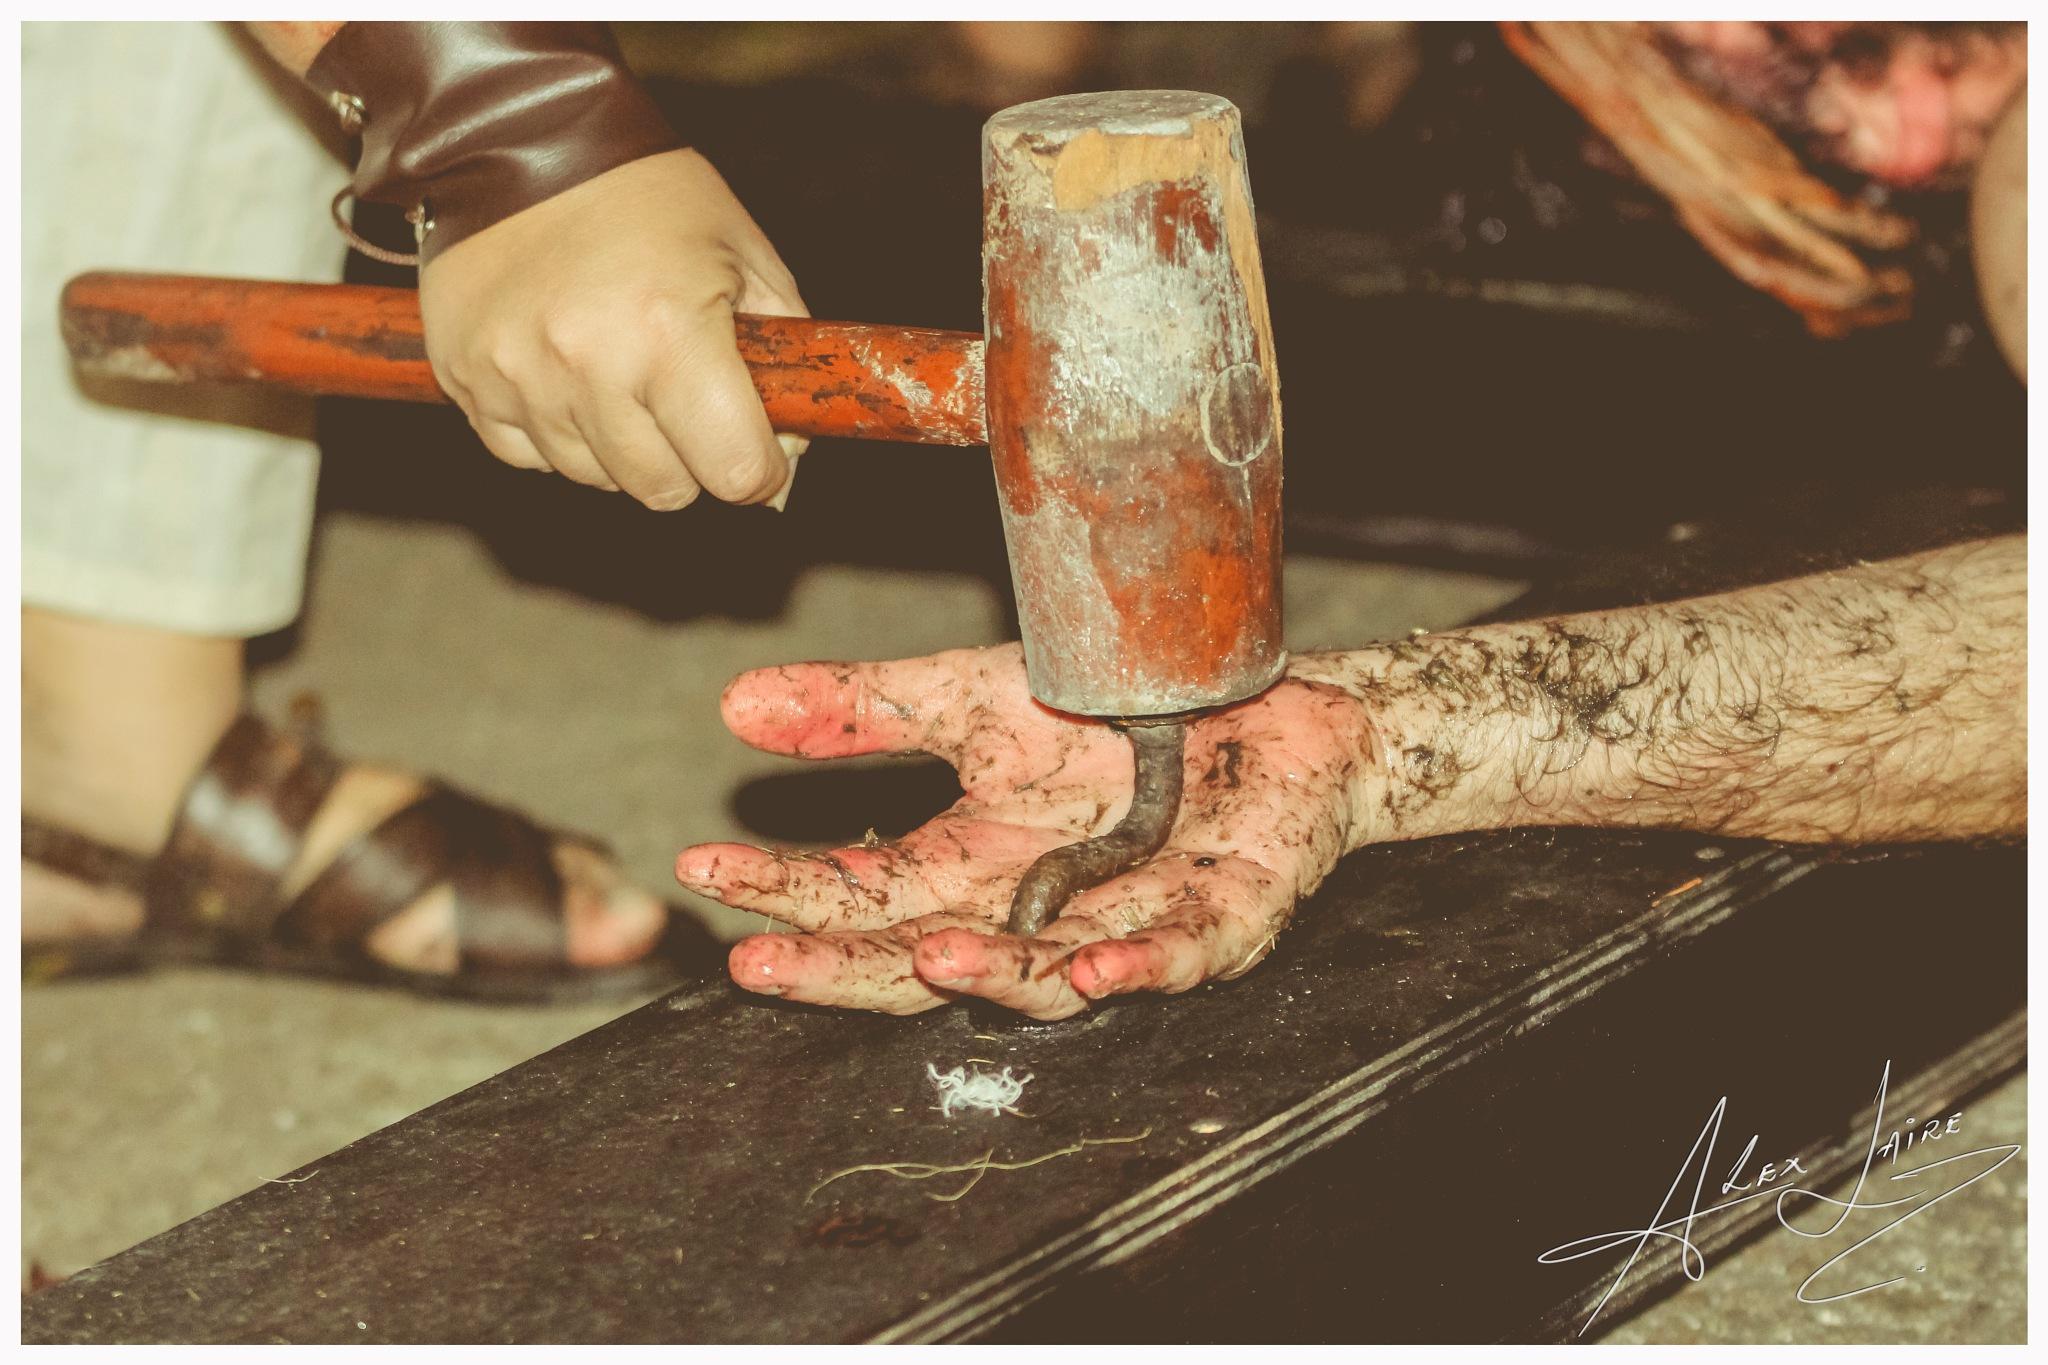 Morreu minha morte pra que eu pudesse viver, morreu em obediência, ressuscitou em fé. by alex.laire